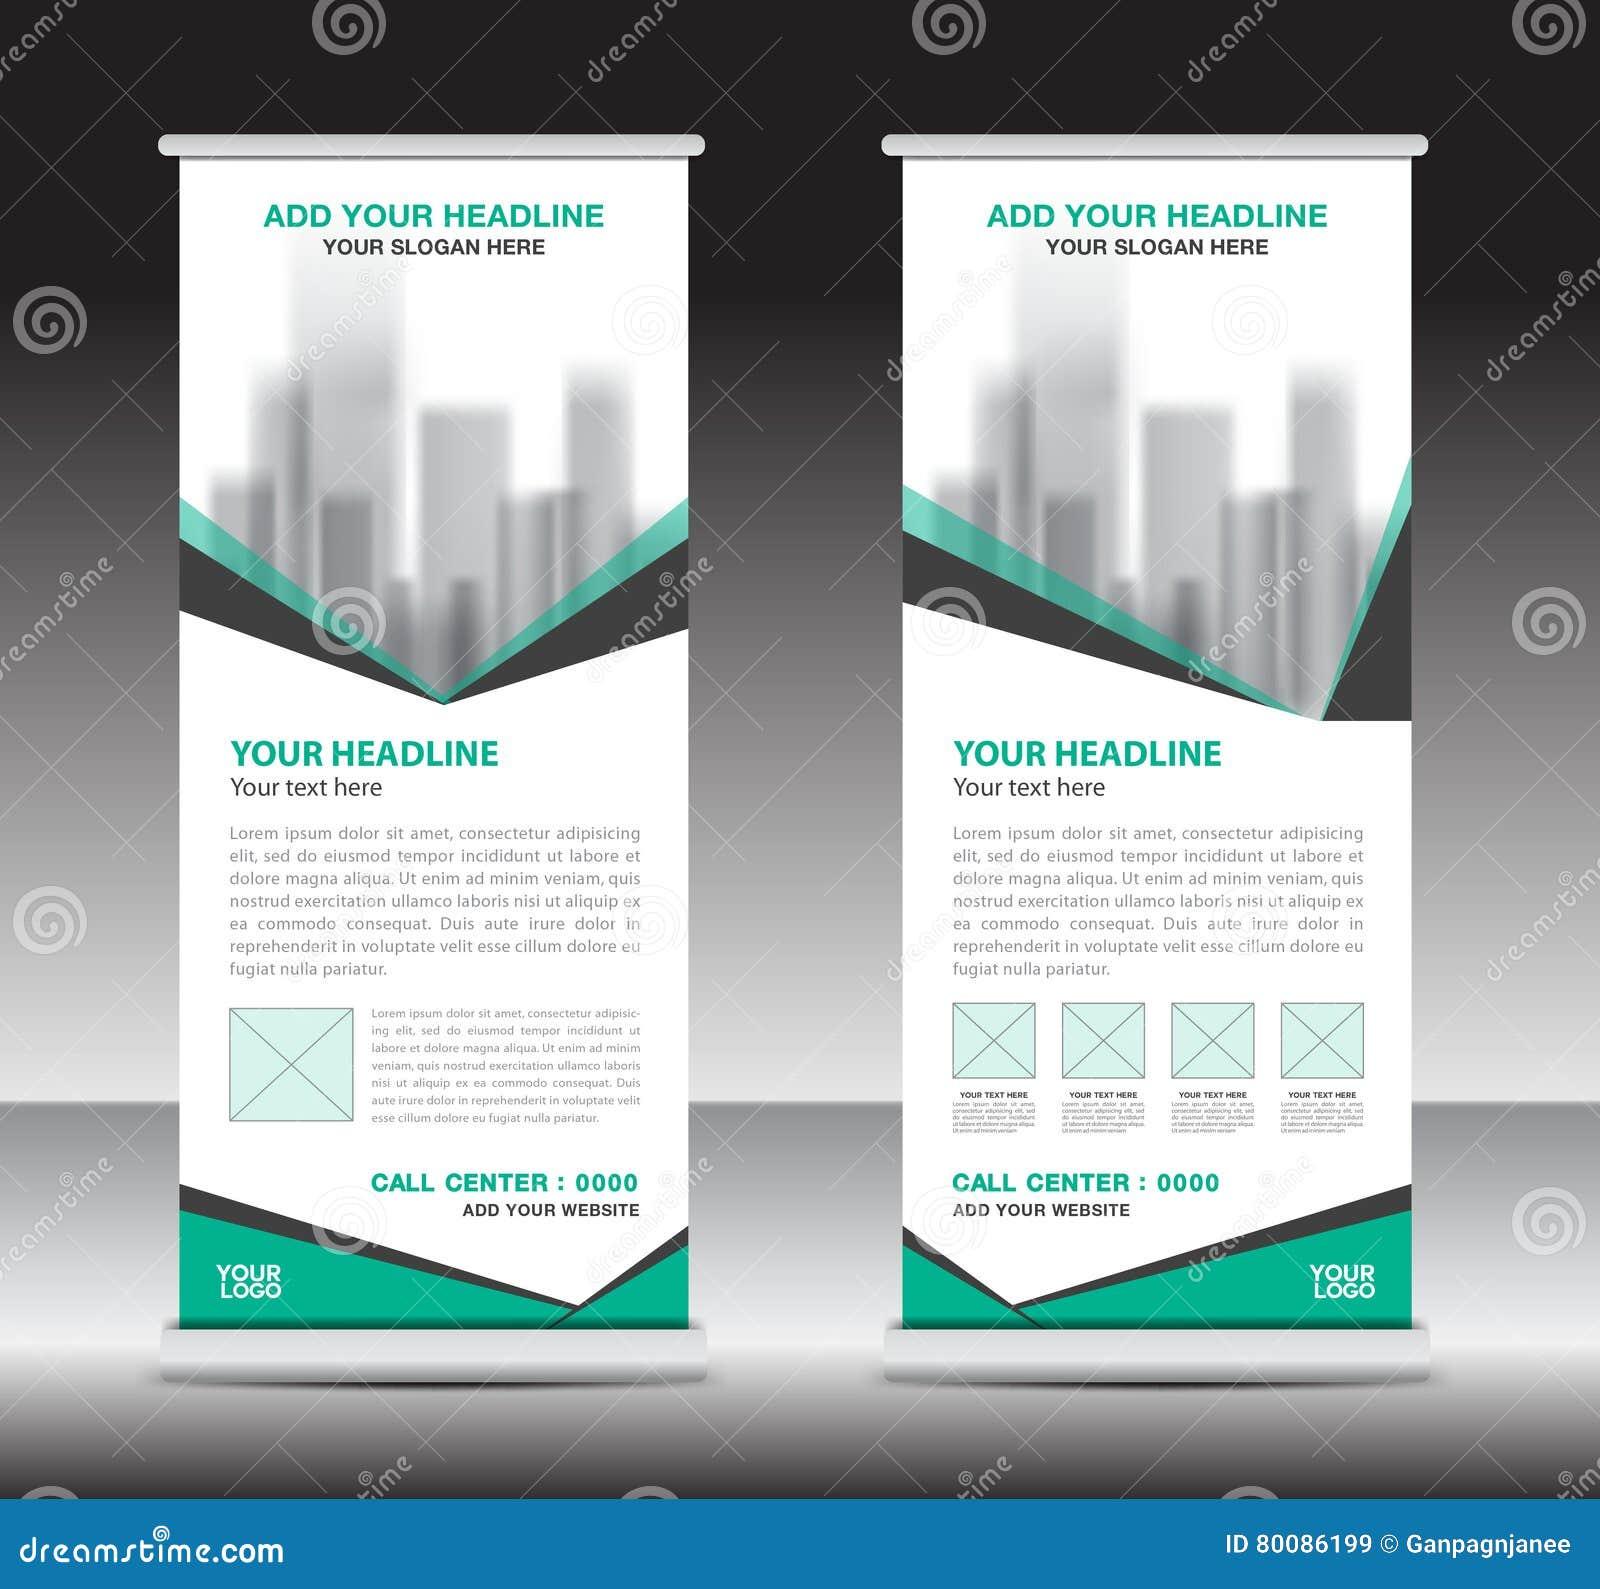 Green roll up business brochure flyer banner design vertical template - Advertisement Banner Brochure Business Design Flag Flyer Green Roll Stand Template Vertical